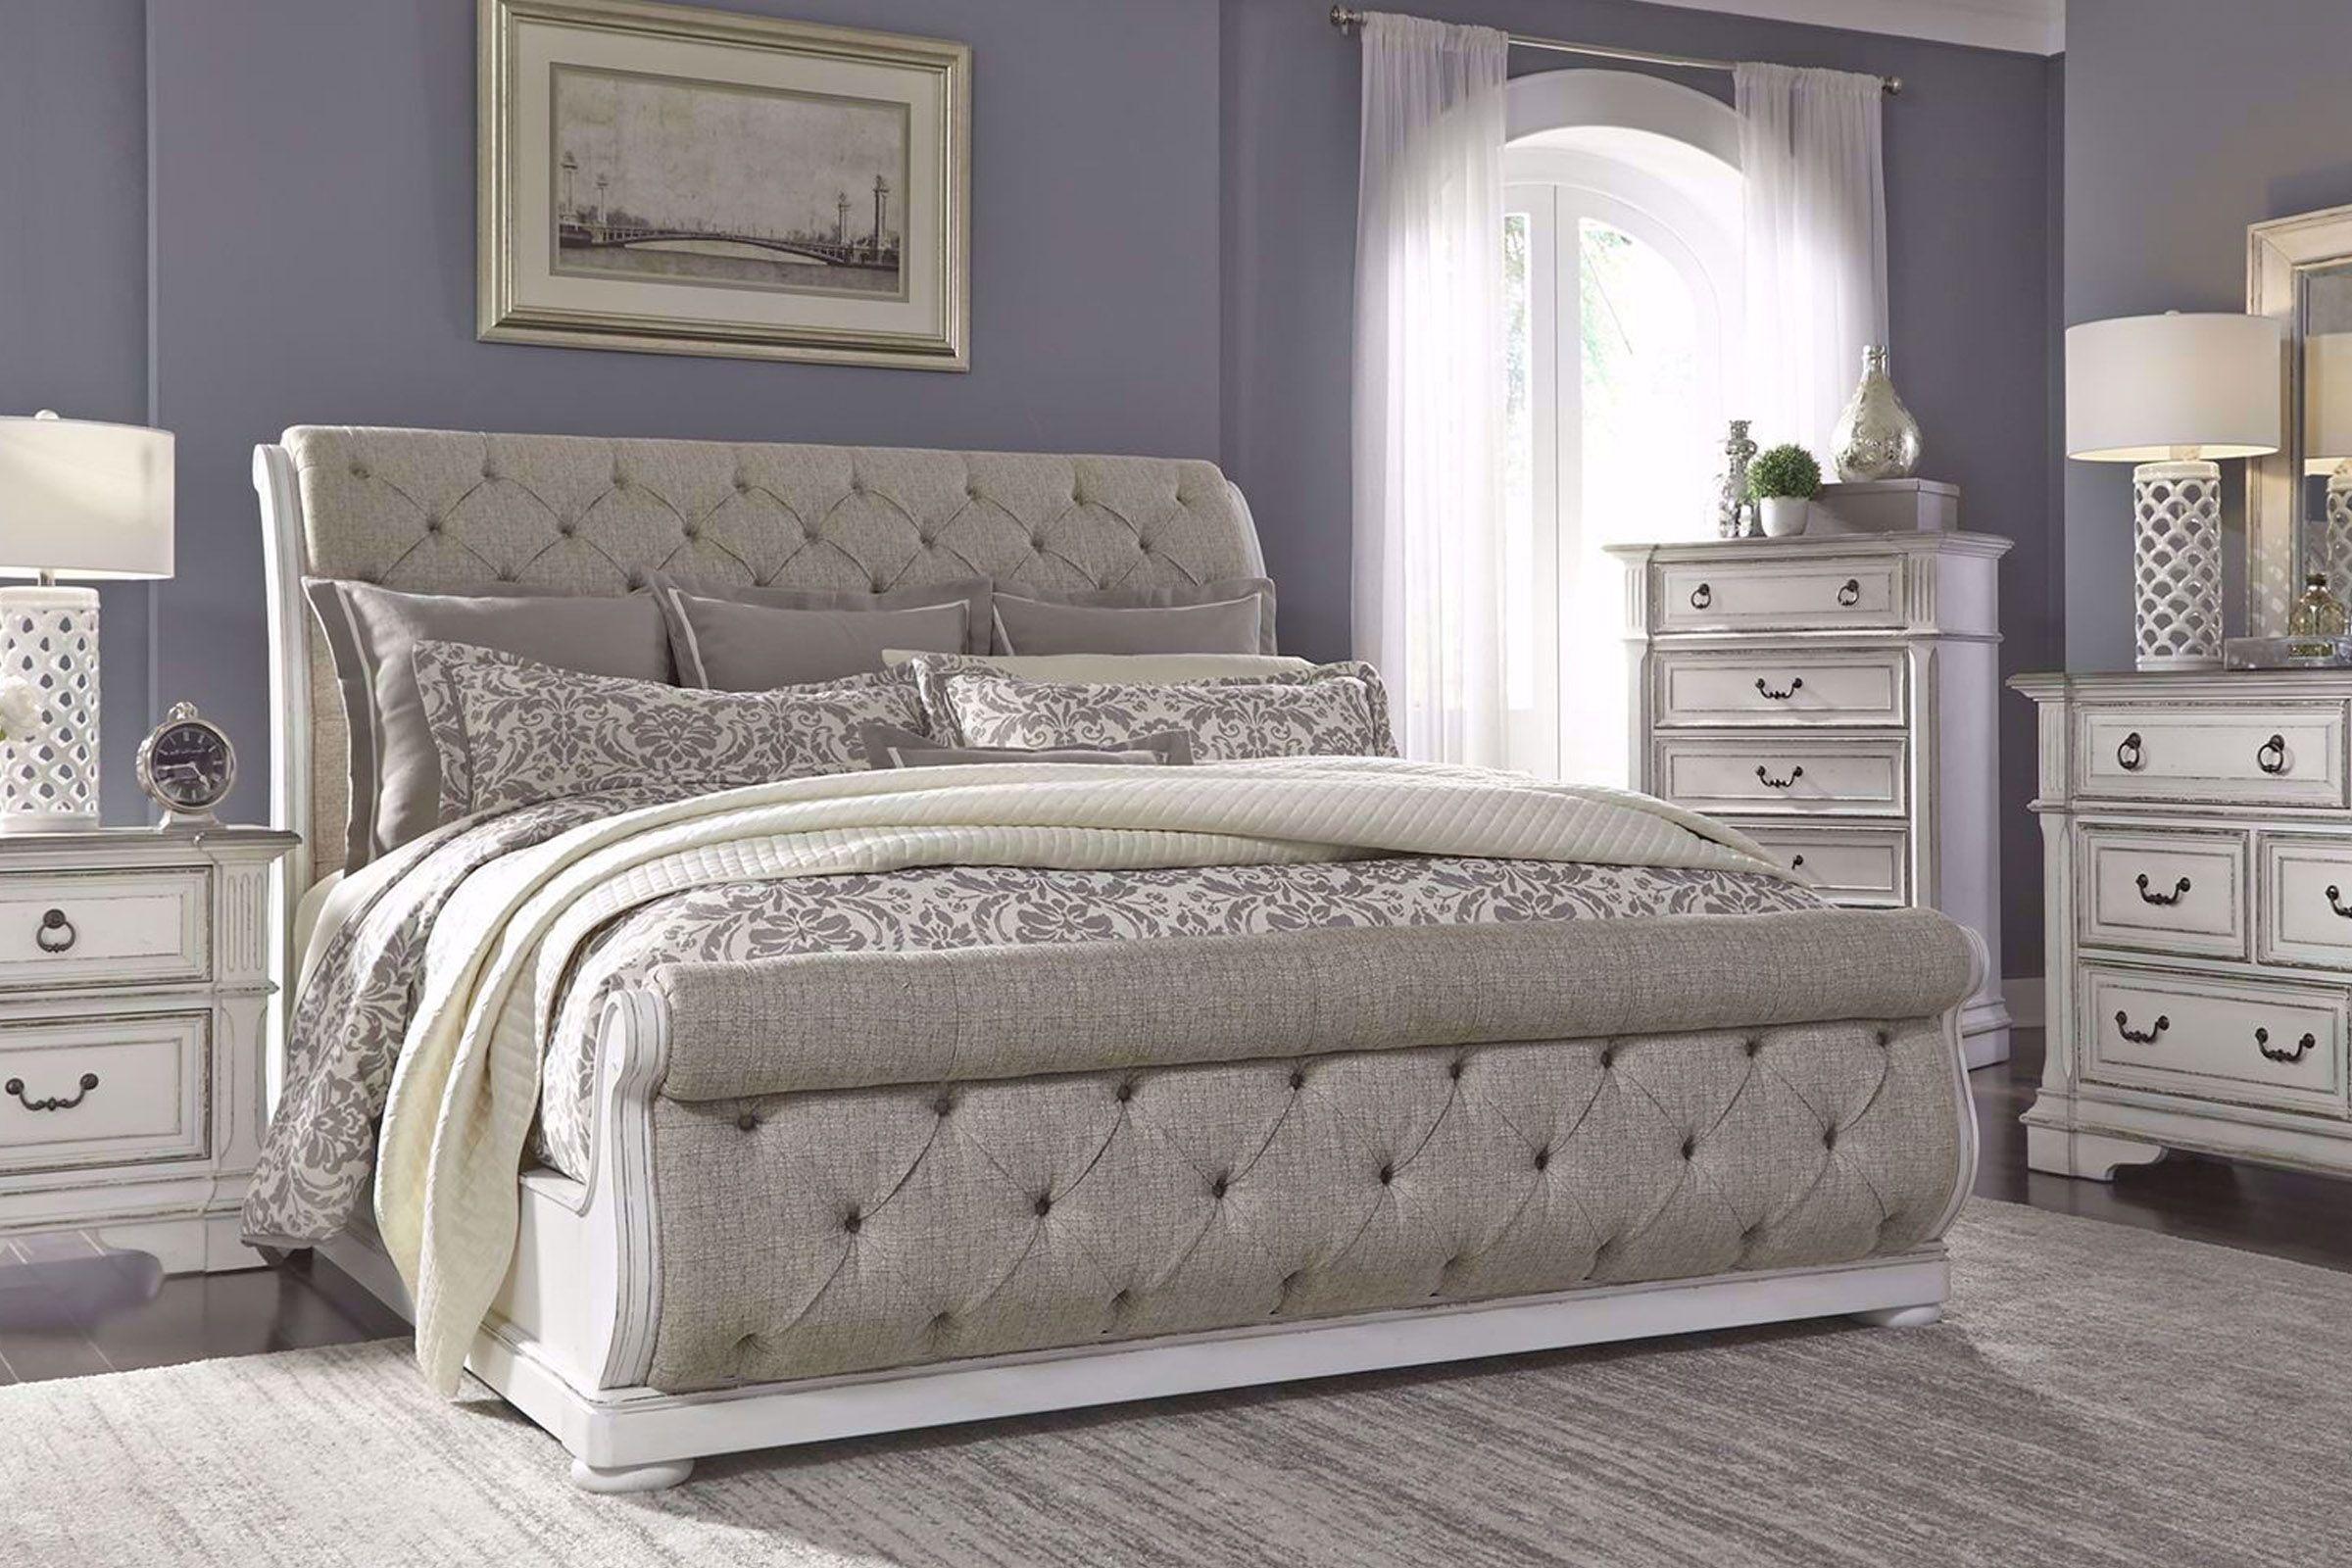 Charlotte 5-Piece Queen Bedroom Set